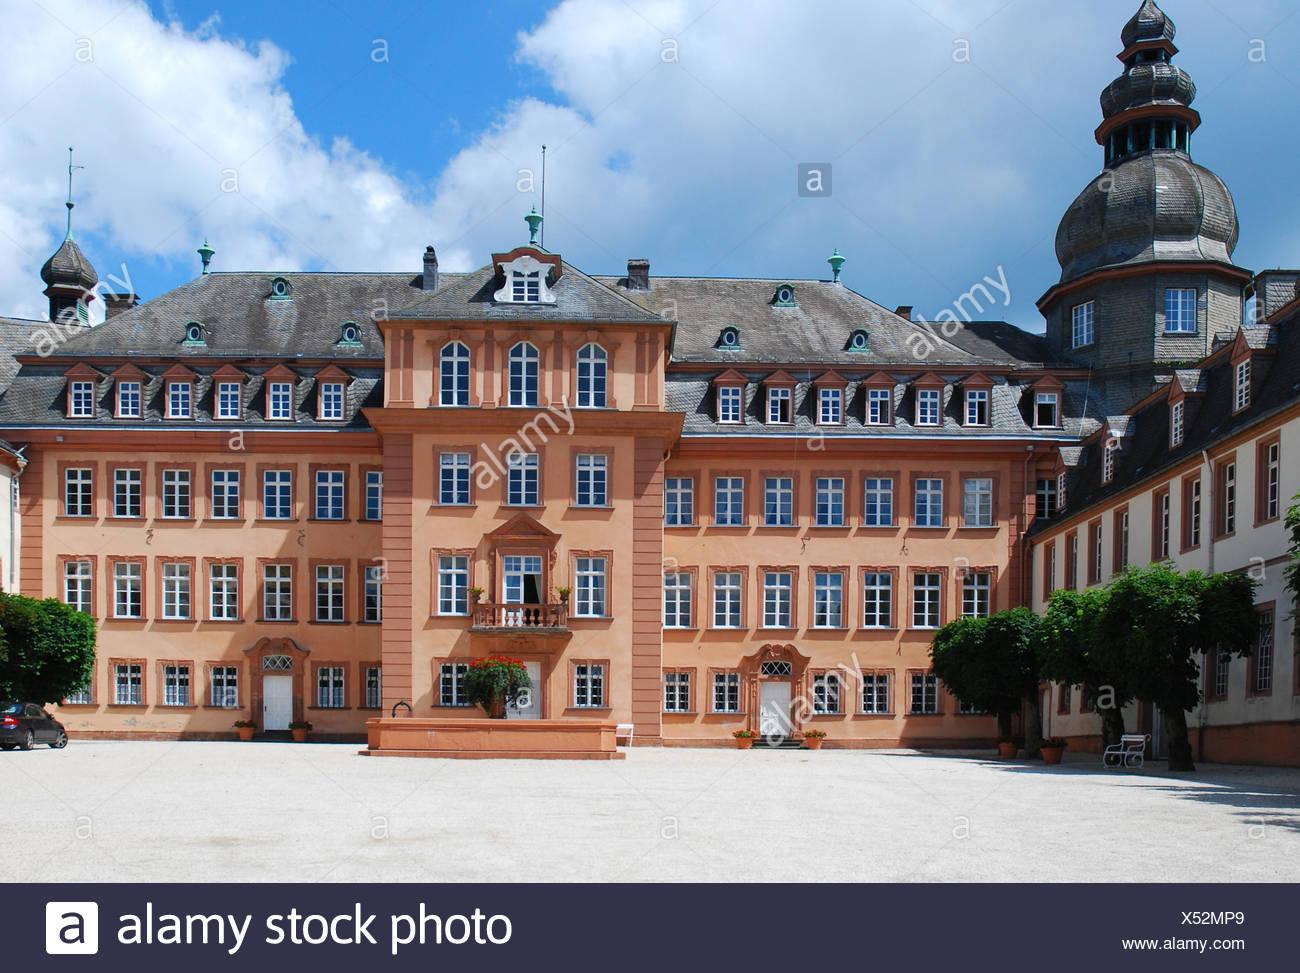 Burg Sayn Burg